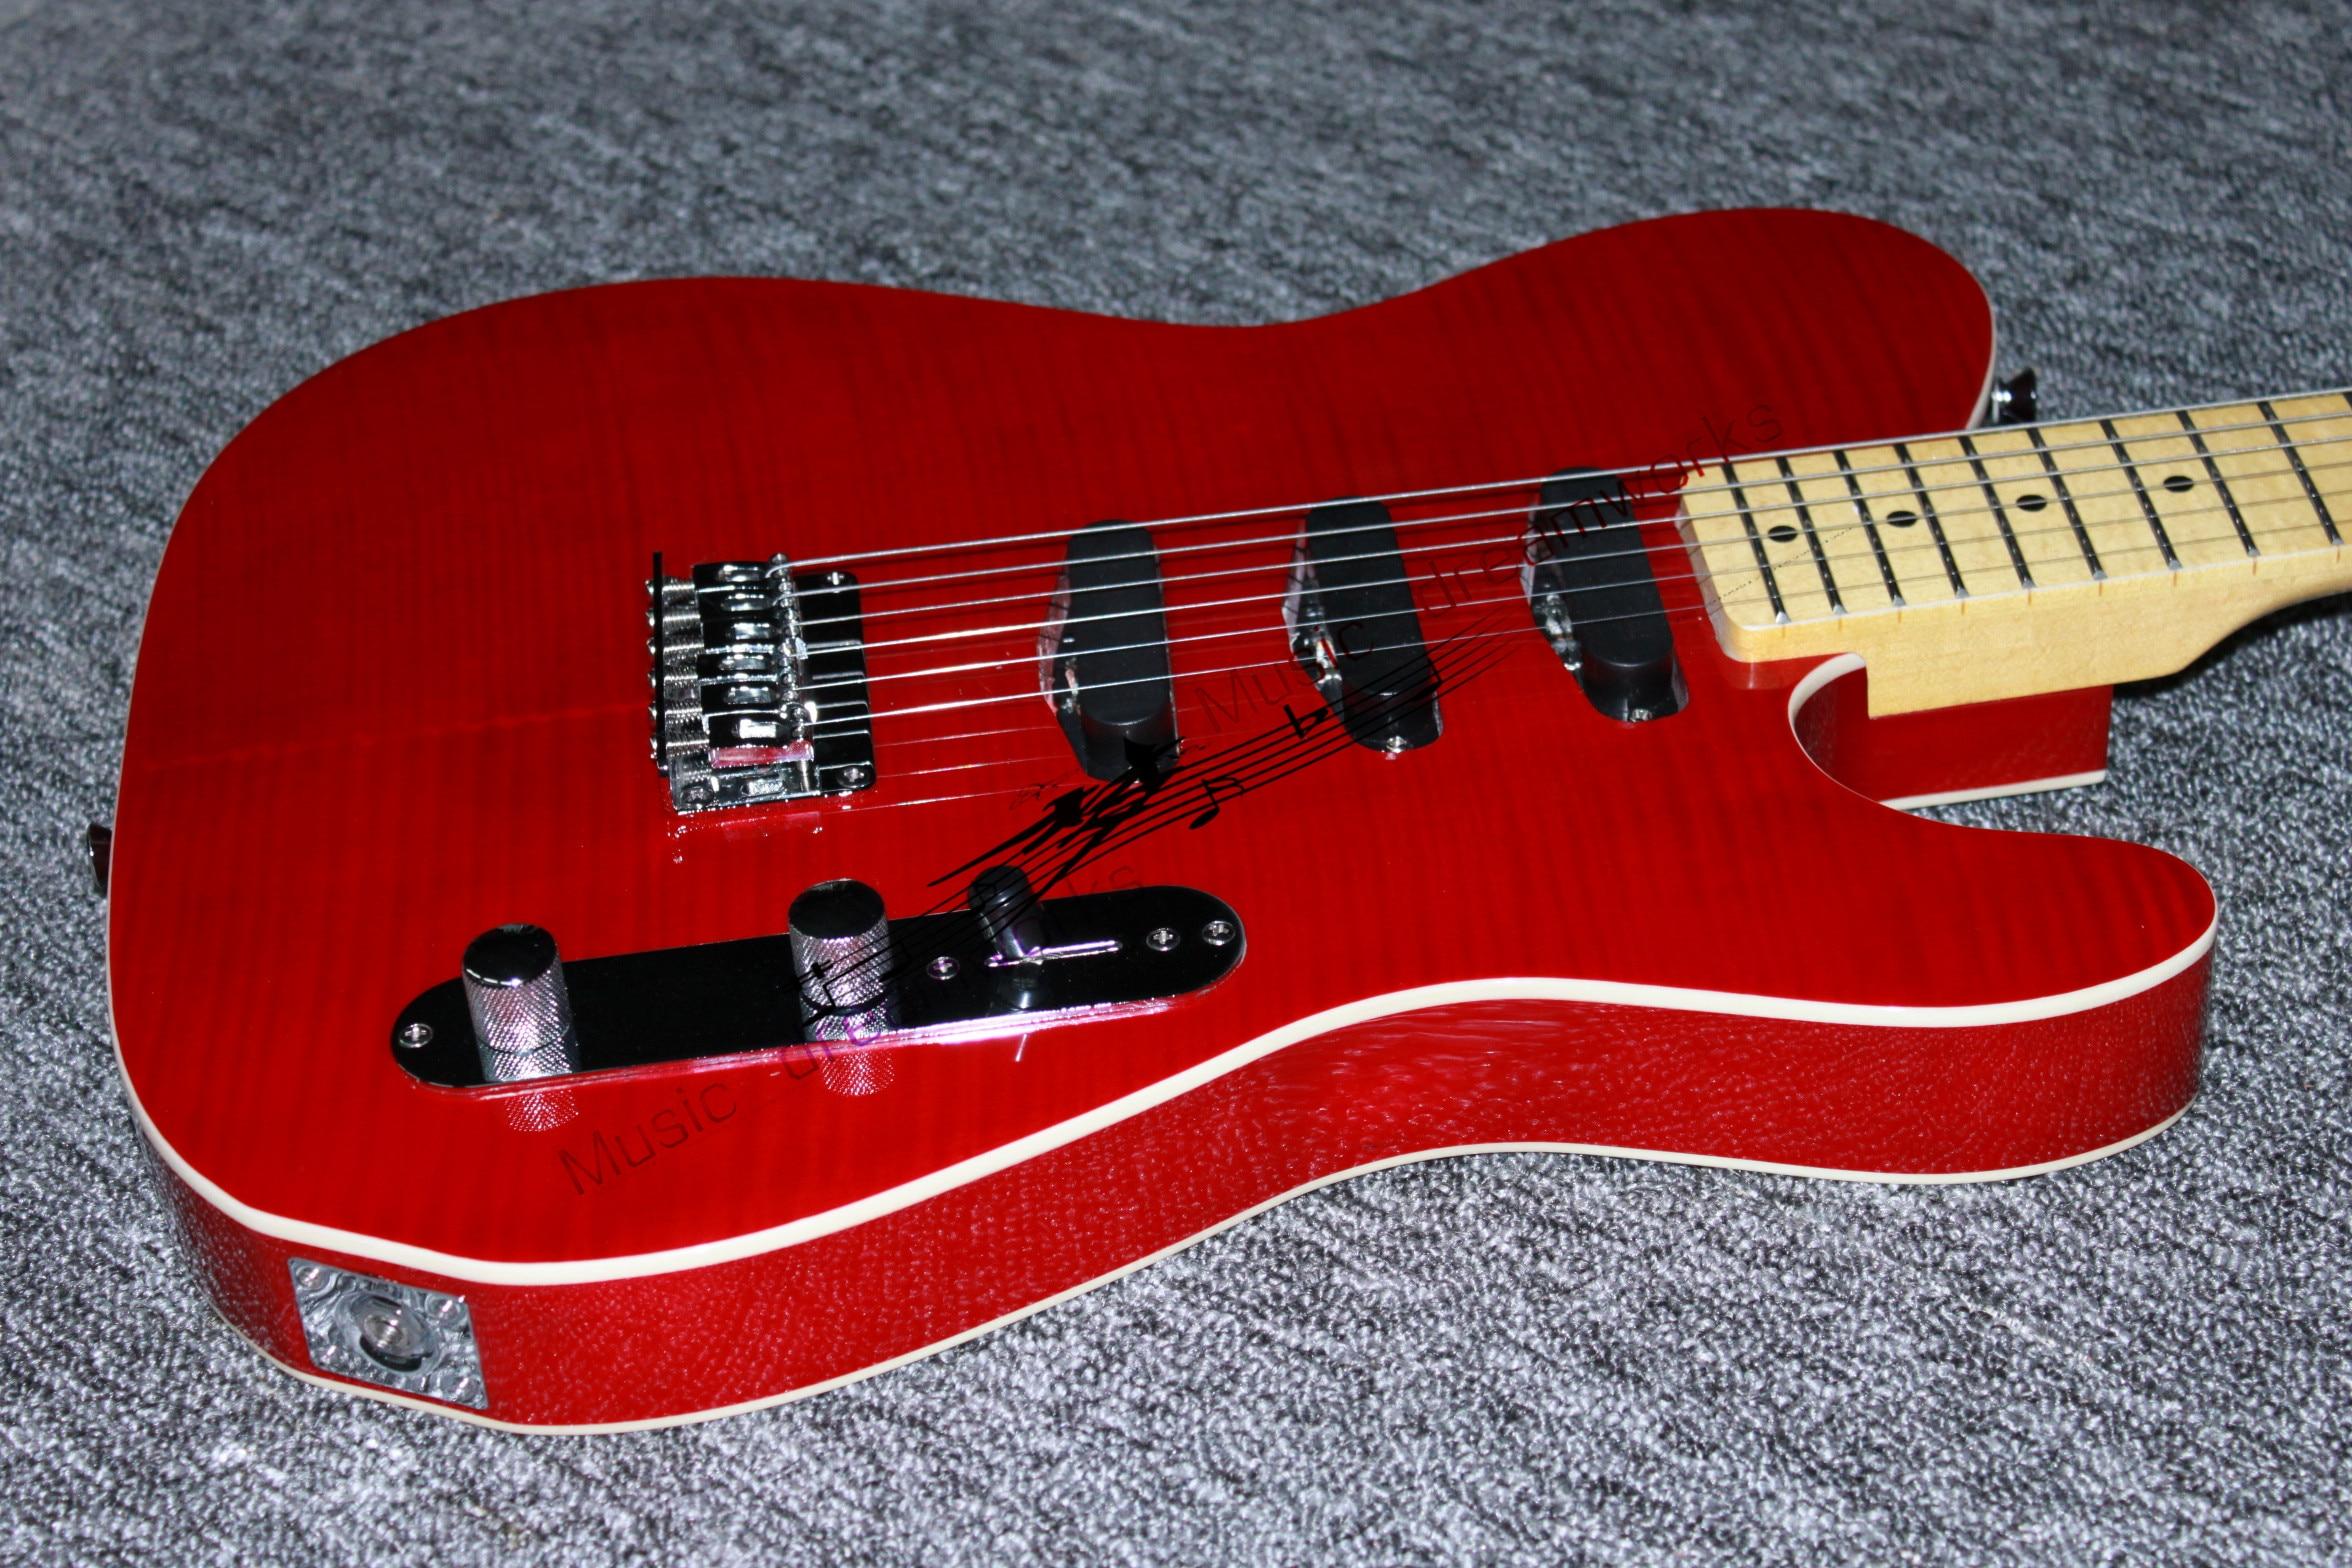 Guitare électrique firehawk chine, grain de bois d'érable flamme T1L2 guitare de haute qualité couleur rouge logo peut être changé livraison gratuite